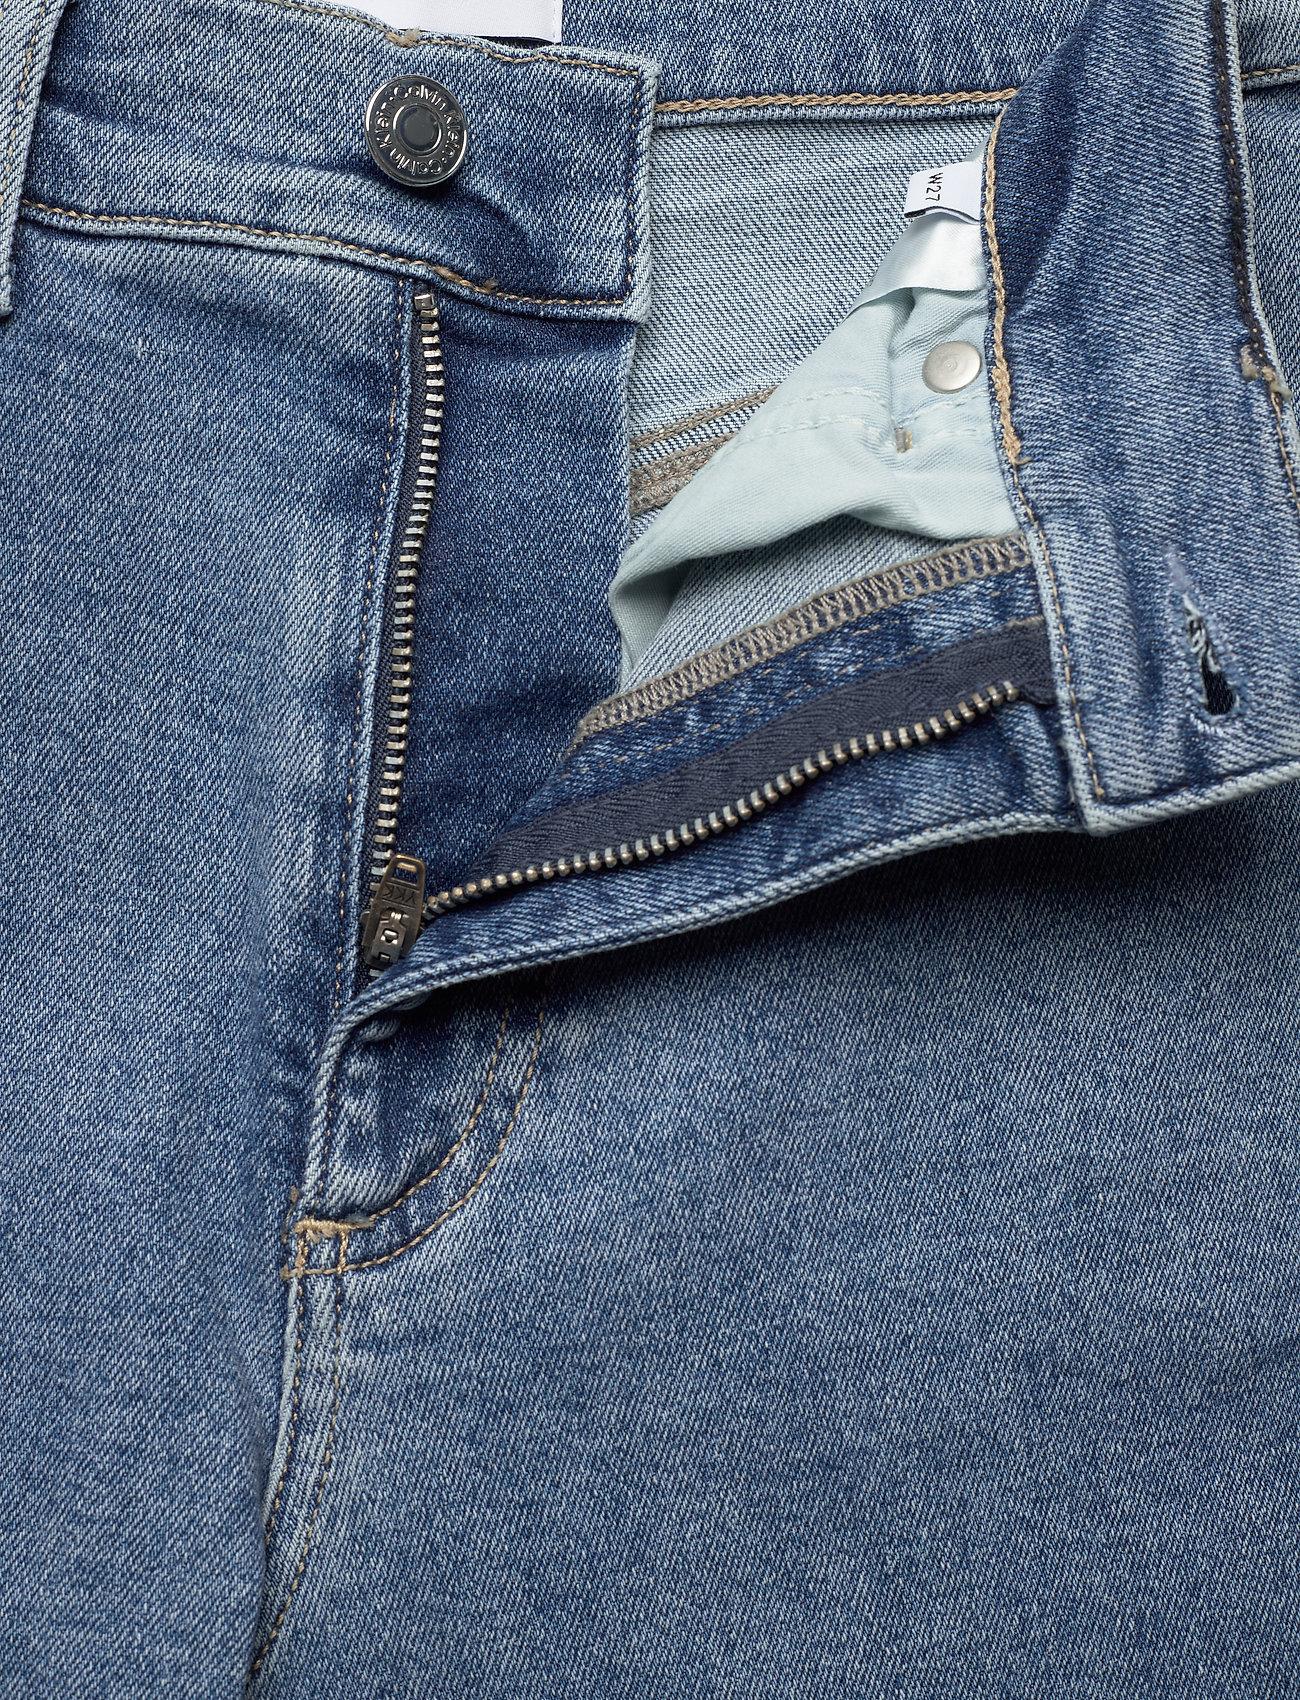 Wide Leg Crop Pant (Natal Blue) (129.90 €) - Calvin Klein 3auUmx5F